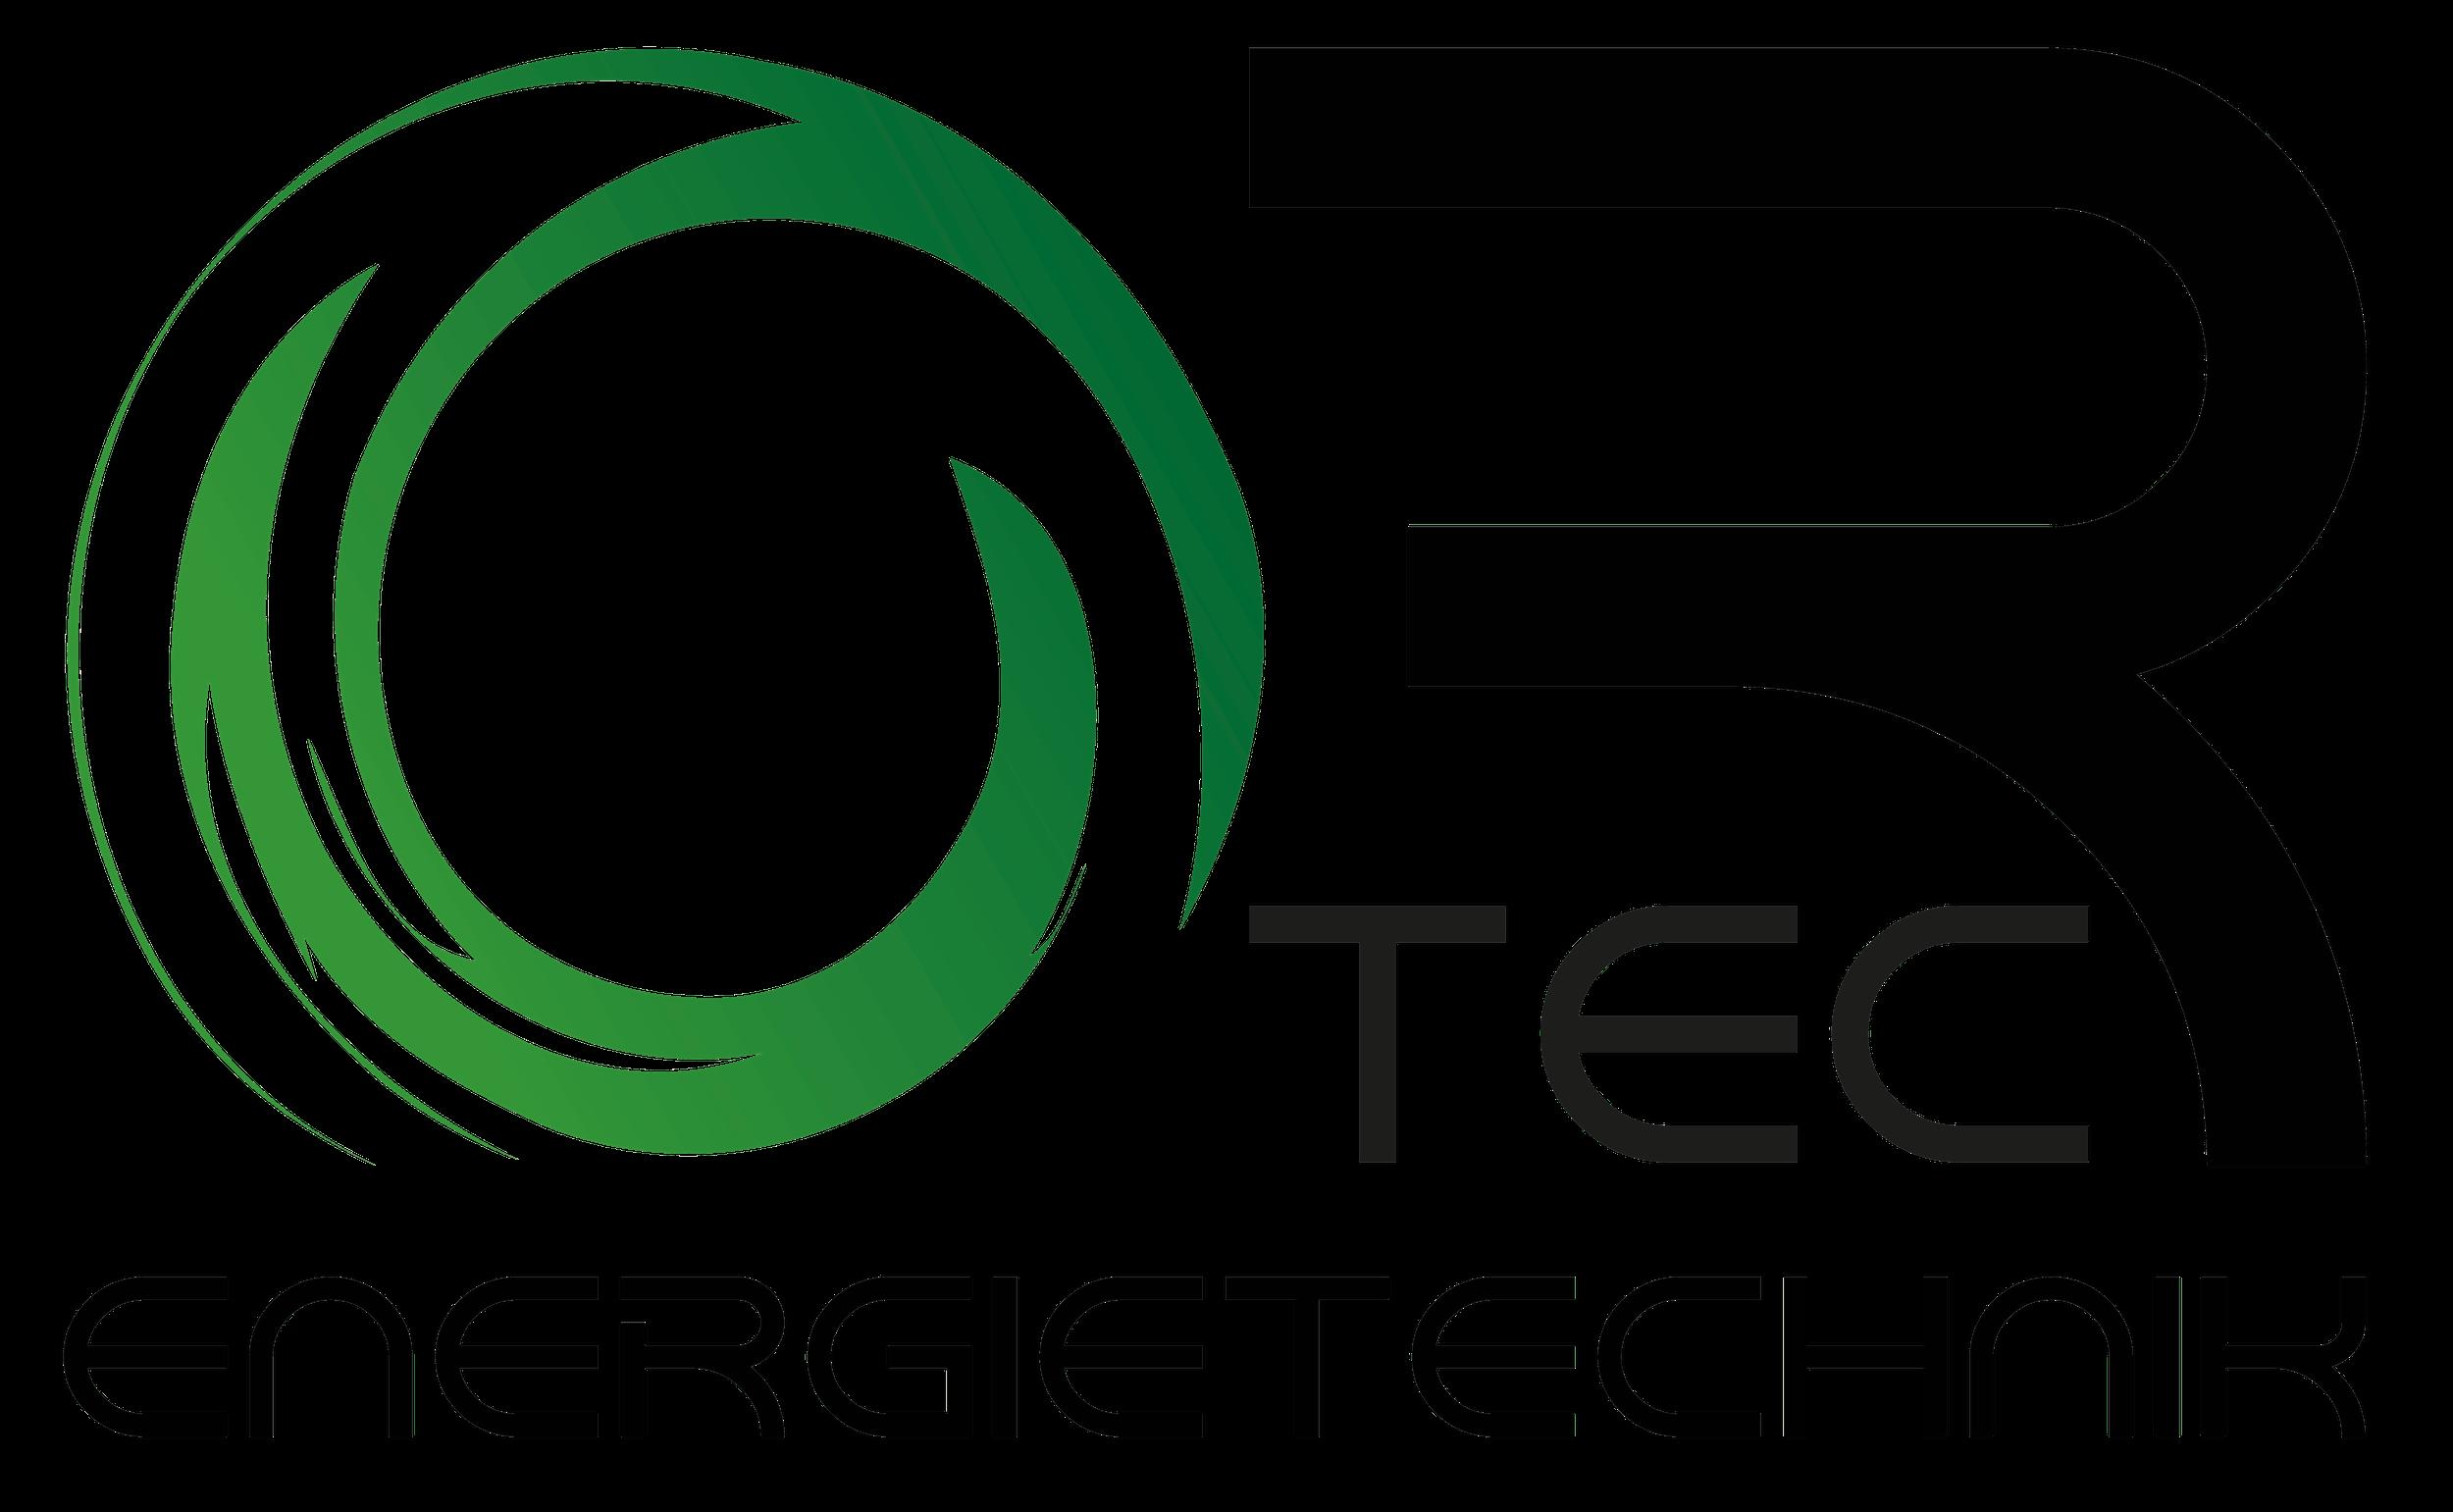 R-Tec - Abteilung Reiter Consulting Engieneering GmbH | Egal ob Elektro oder Licht – wir sind Ihr kompetenter Partner in Sachen Elektro Thermographie, Heizungsservice, Programmierungen, Elektroinstallationen, Reparaturen und Photovoltaikanlagen.